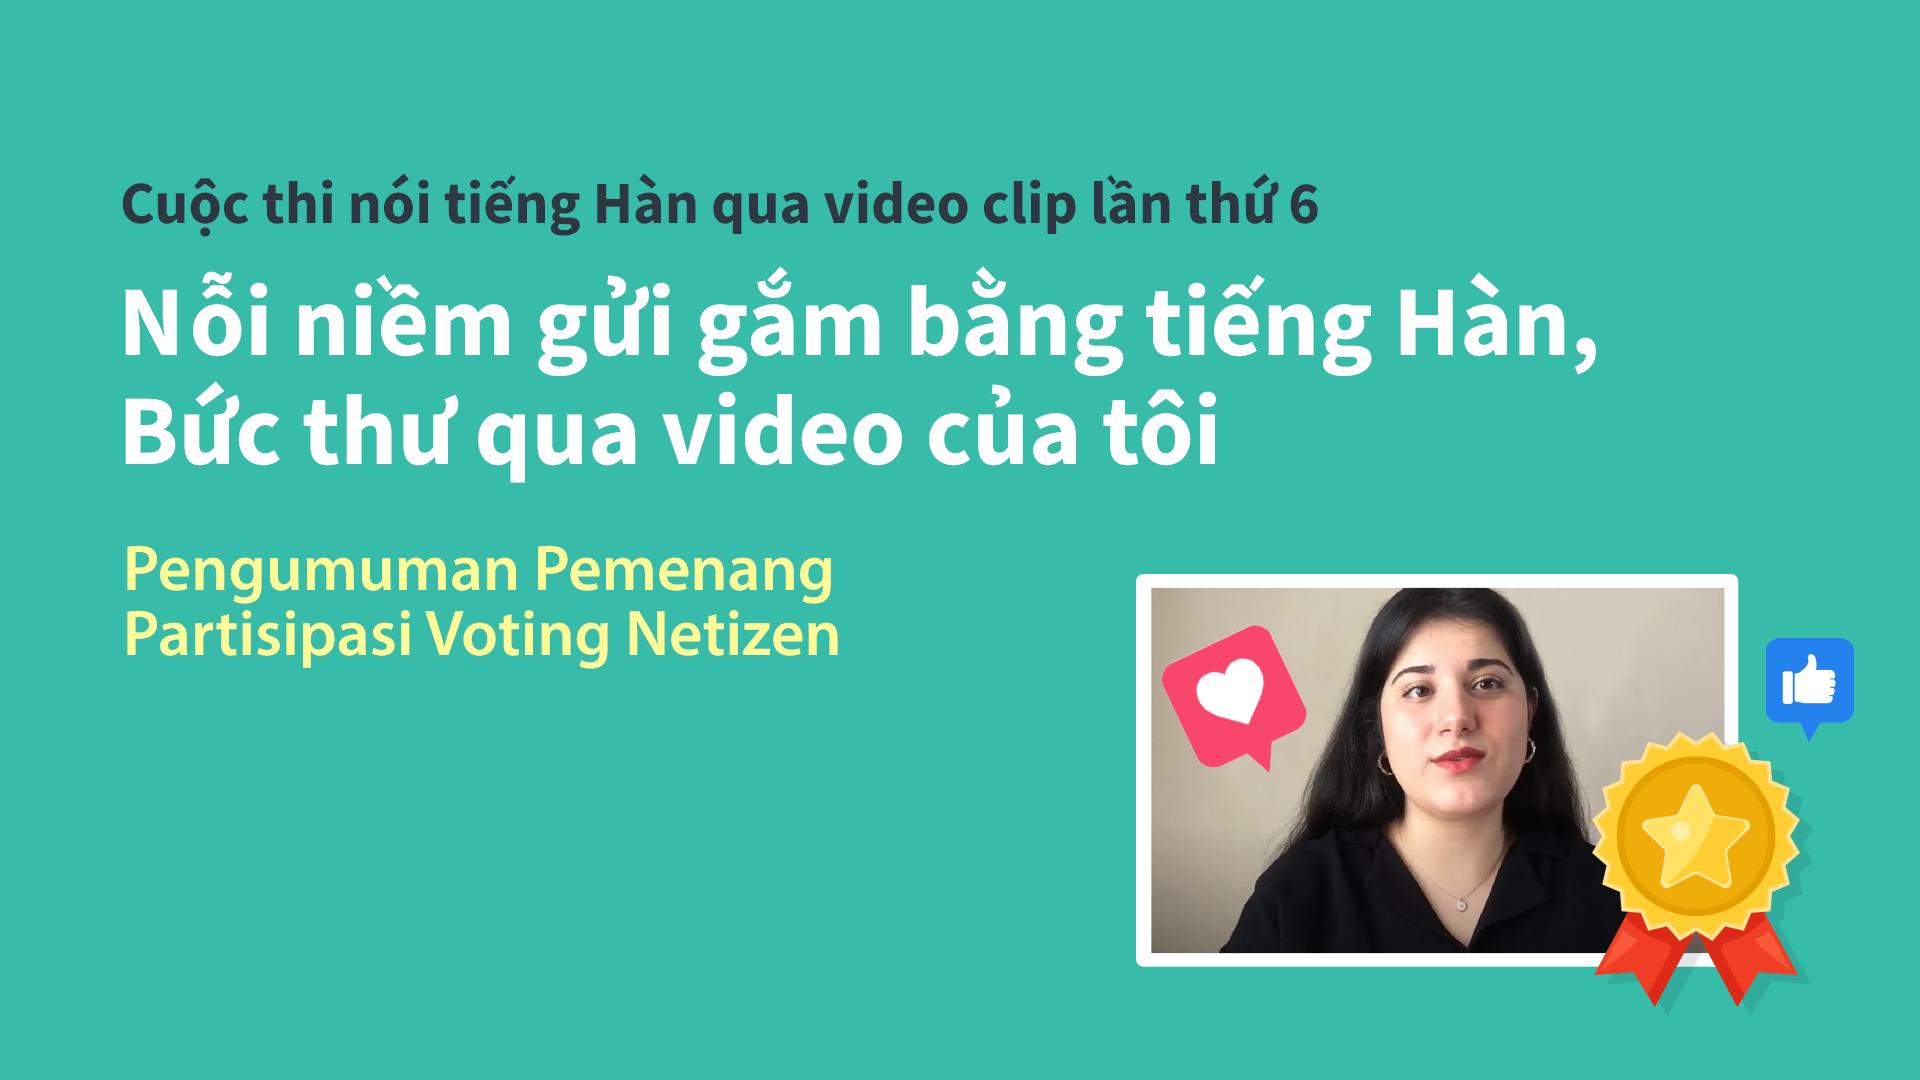 제6회 한국어 말하기 동영상 공모전 - 인기상 투표결과 - VN